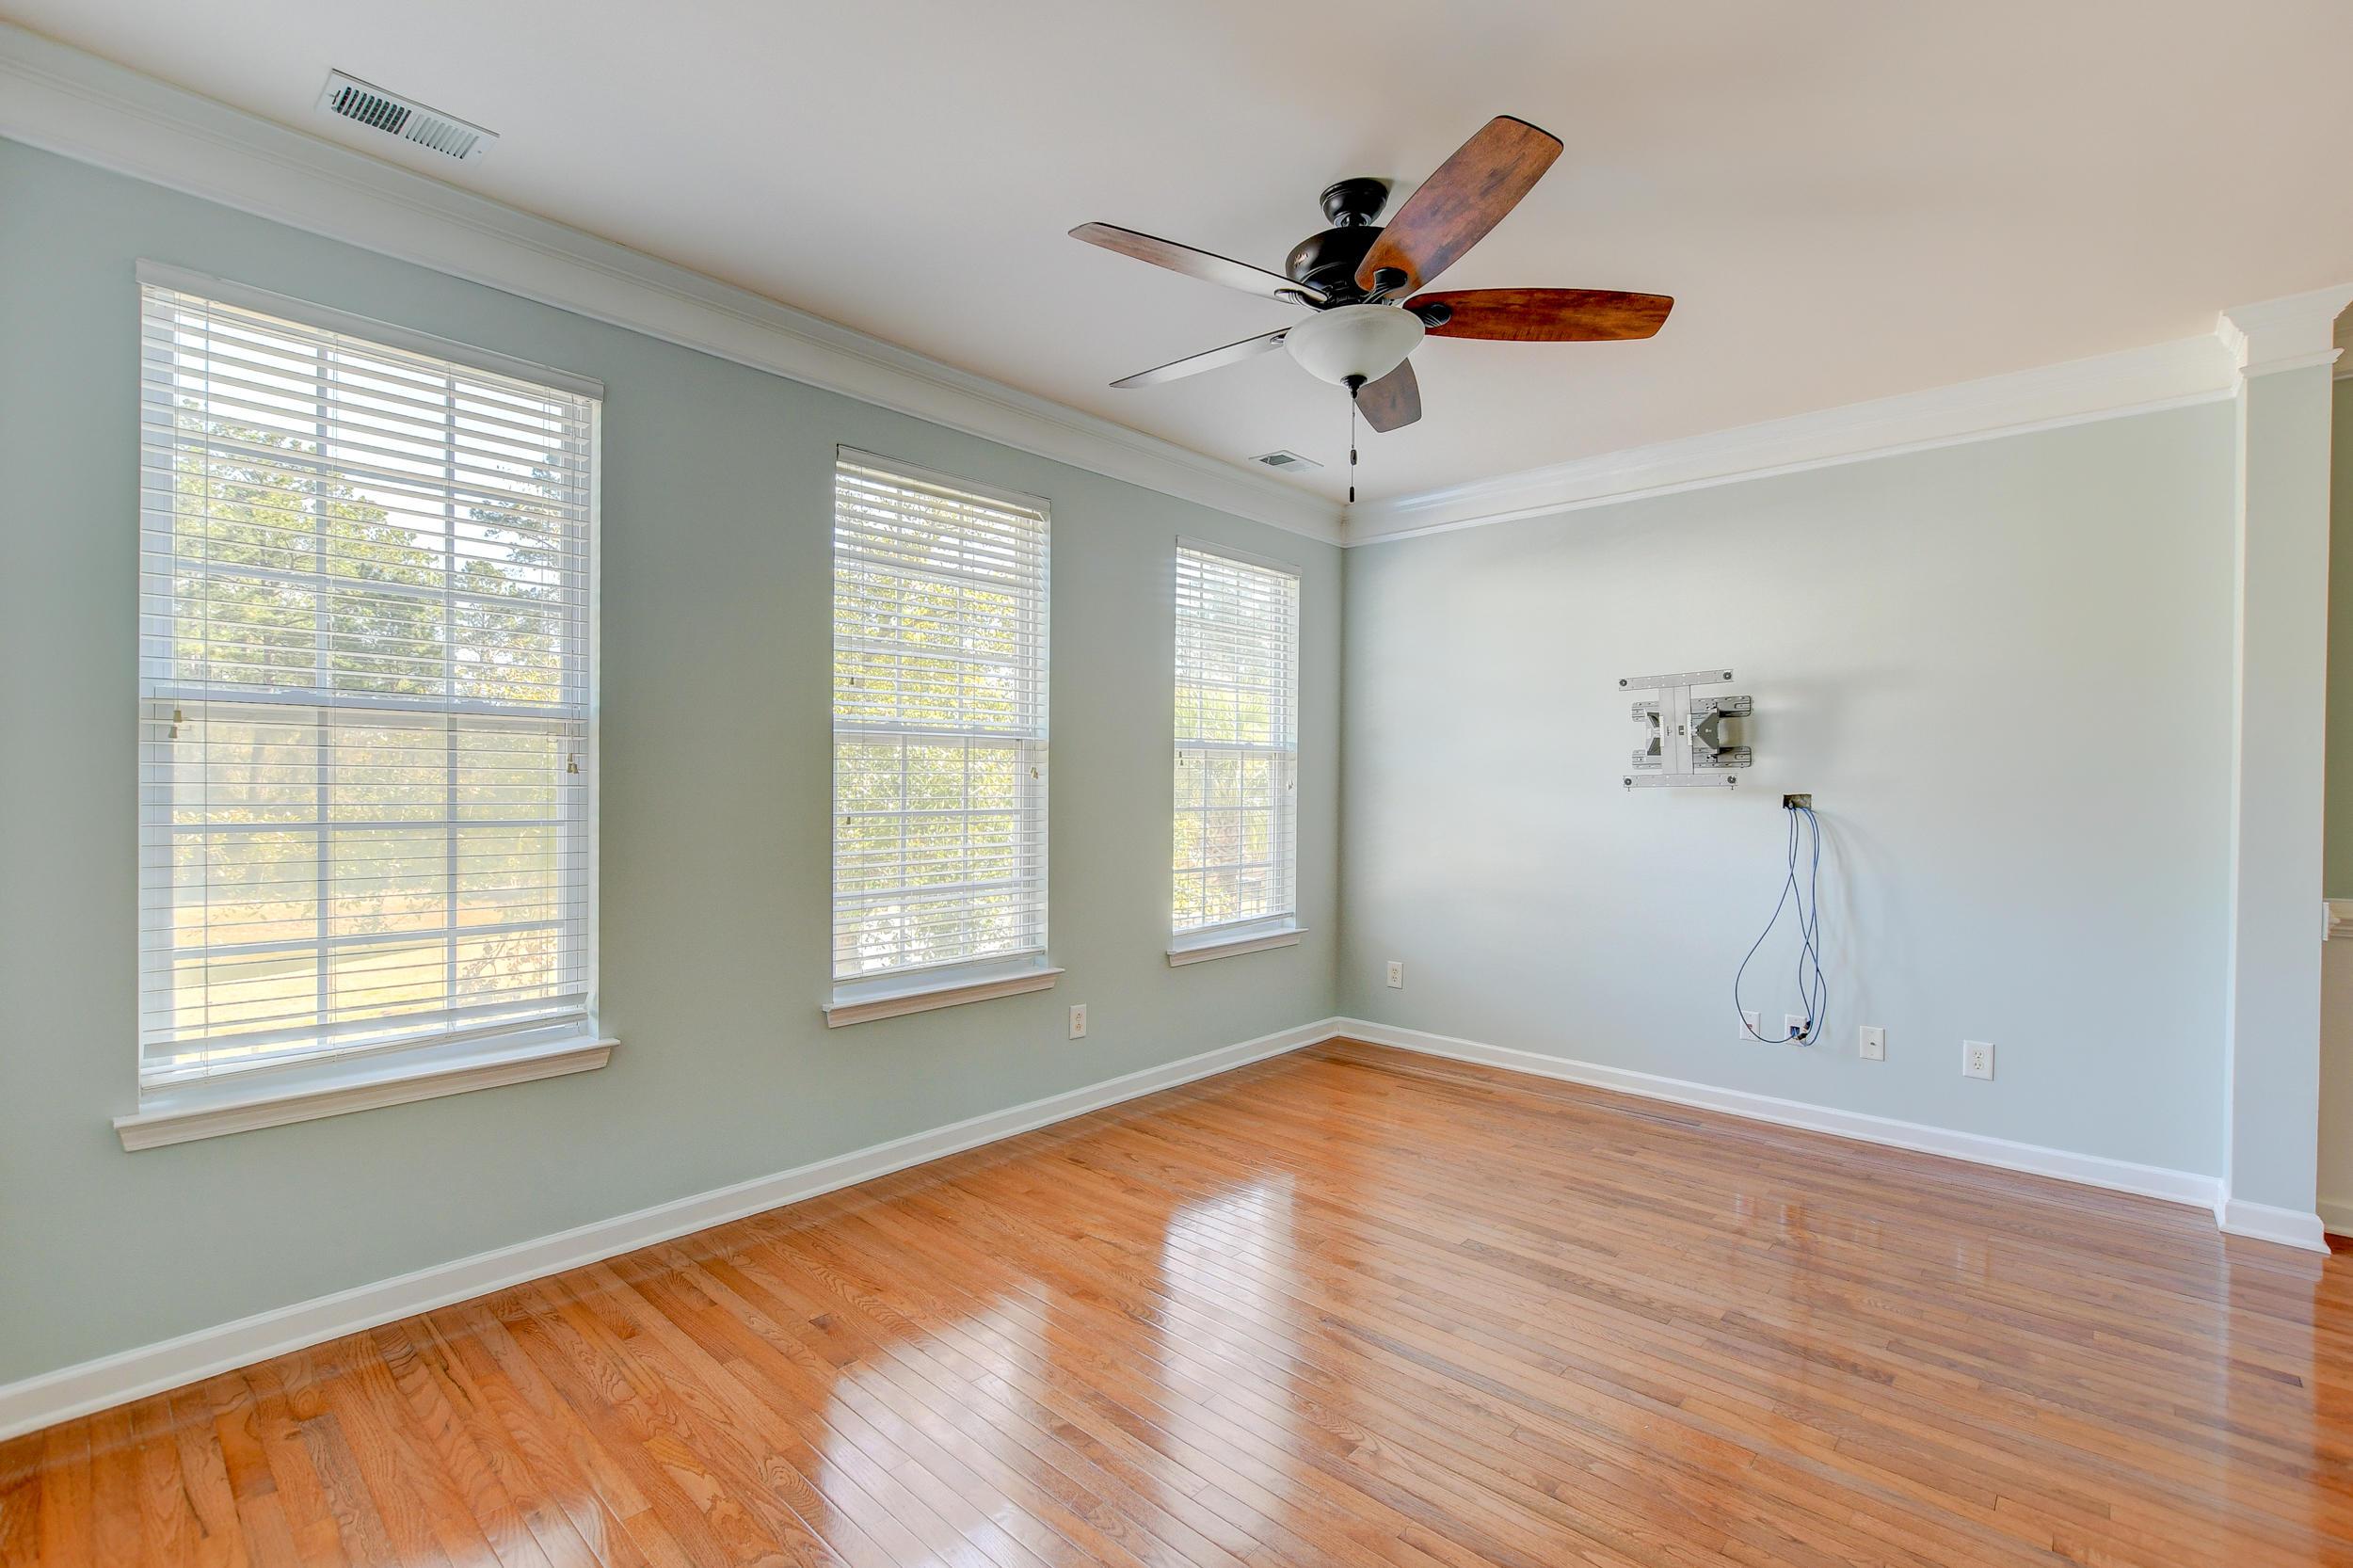 Park West Homes For Sale - 3545 Claremont, Mount Pleasant, SC - 8